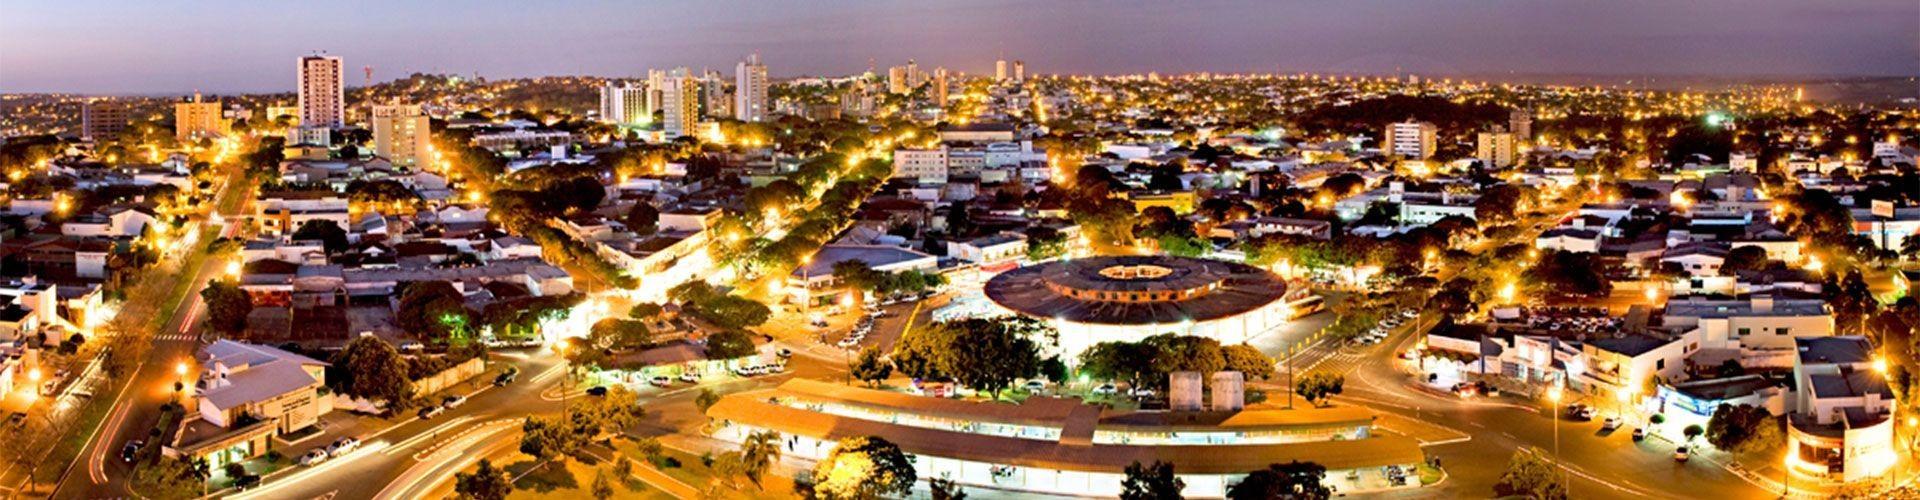 Umuarama Paraná fonte: static.portaldacidade.com